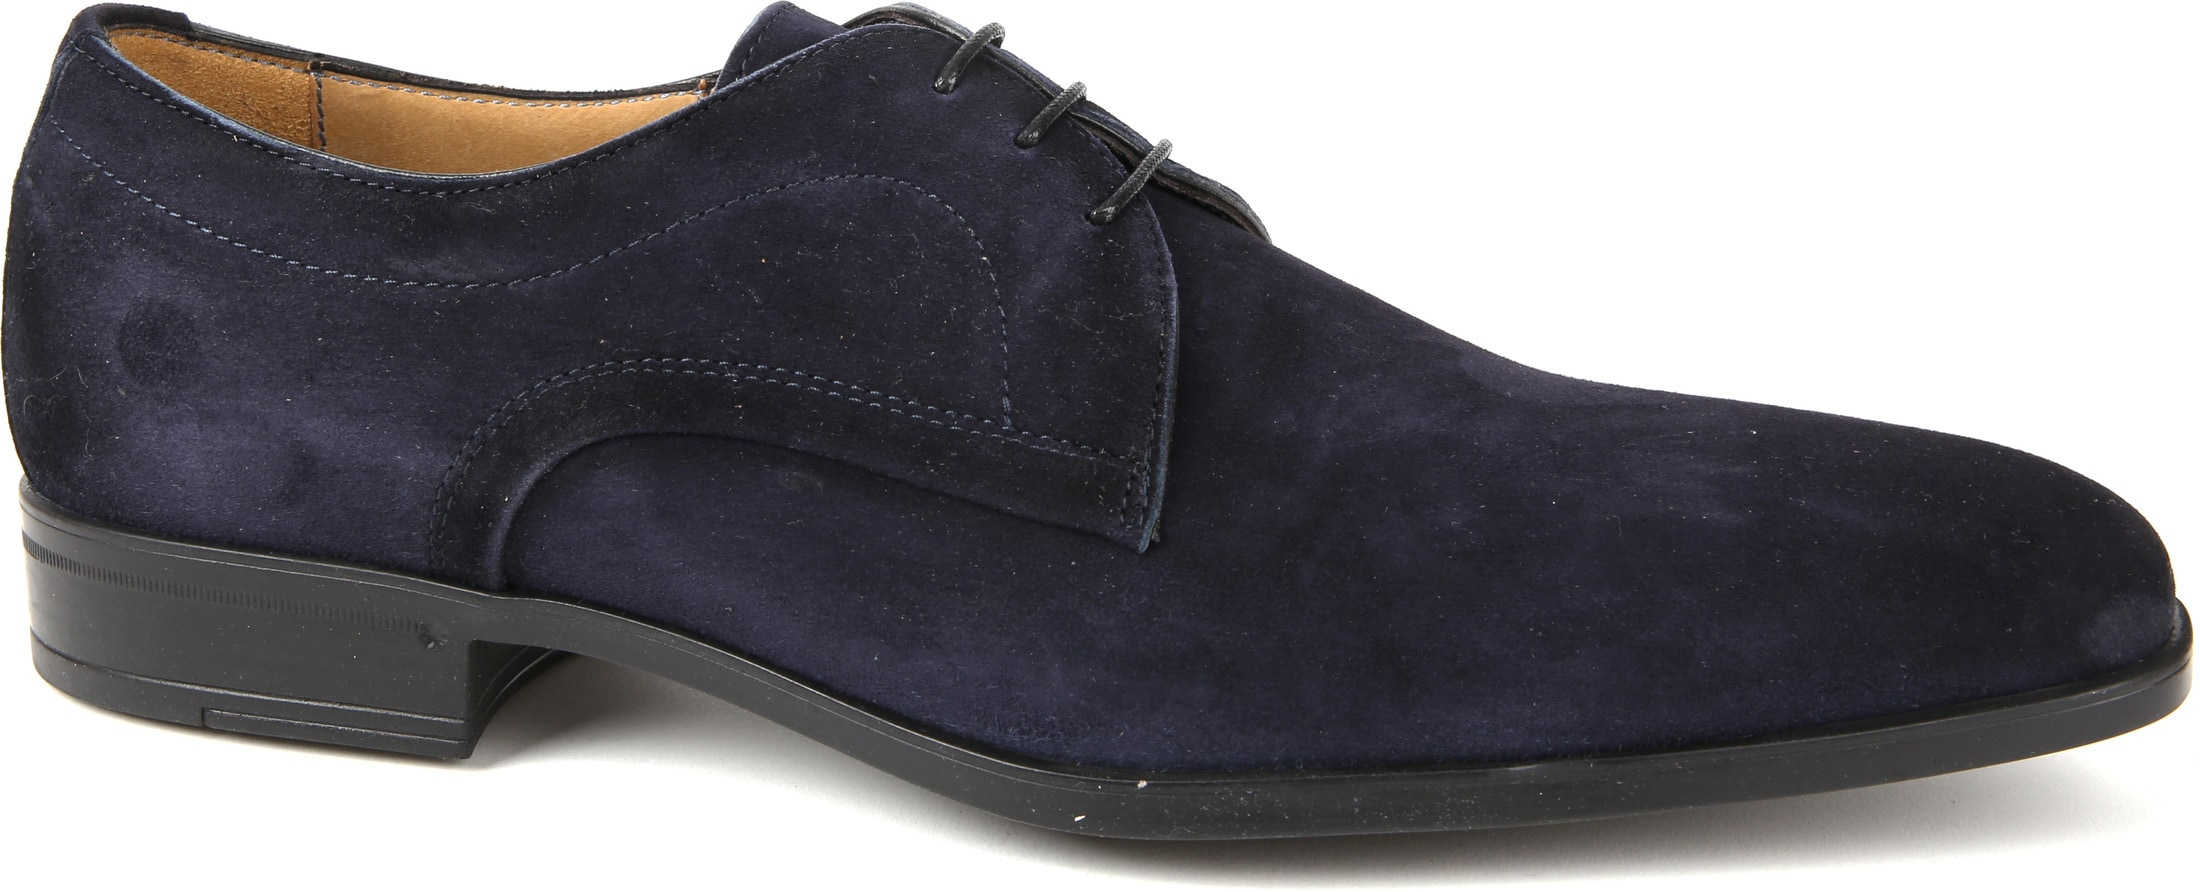 Giorgio Amalfi Shoe Suede Deep Blue foto 0